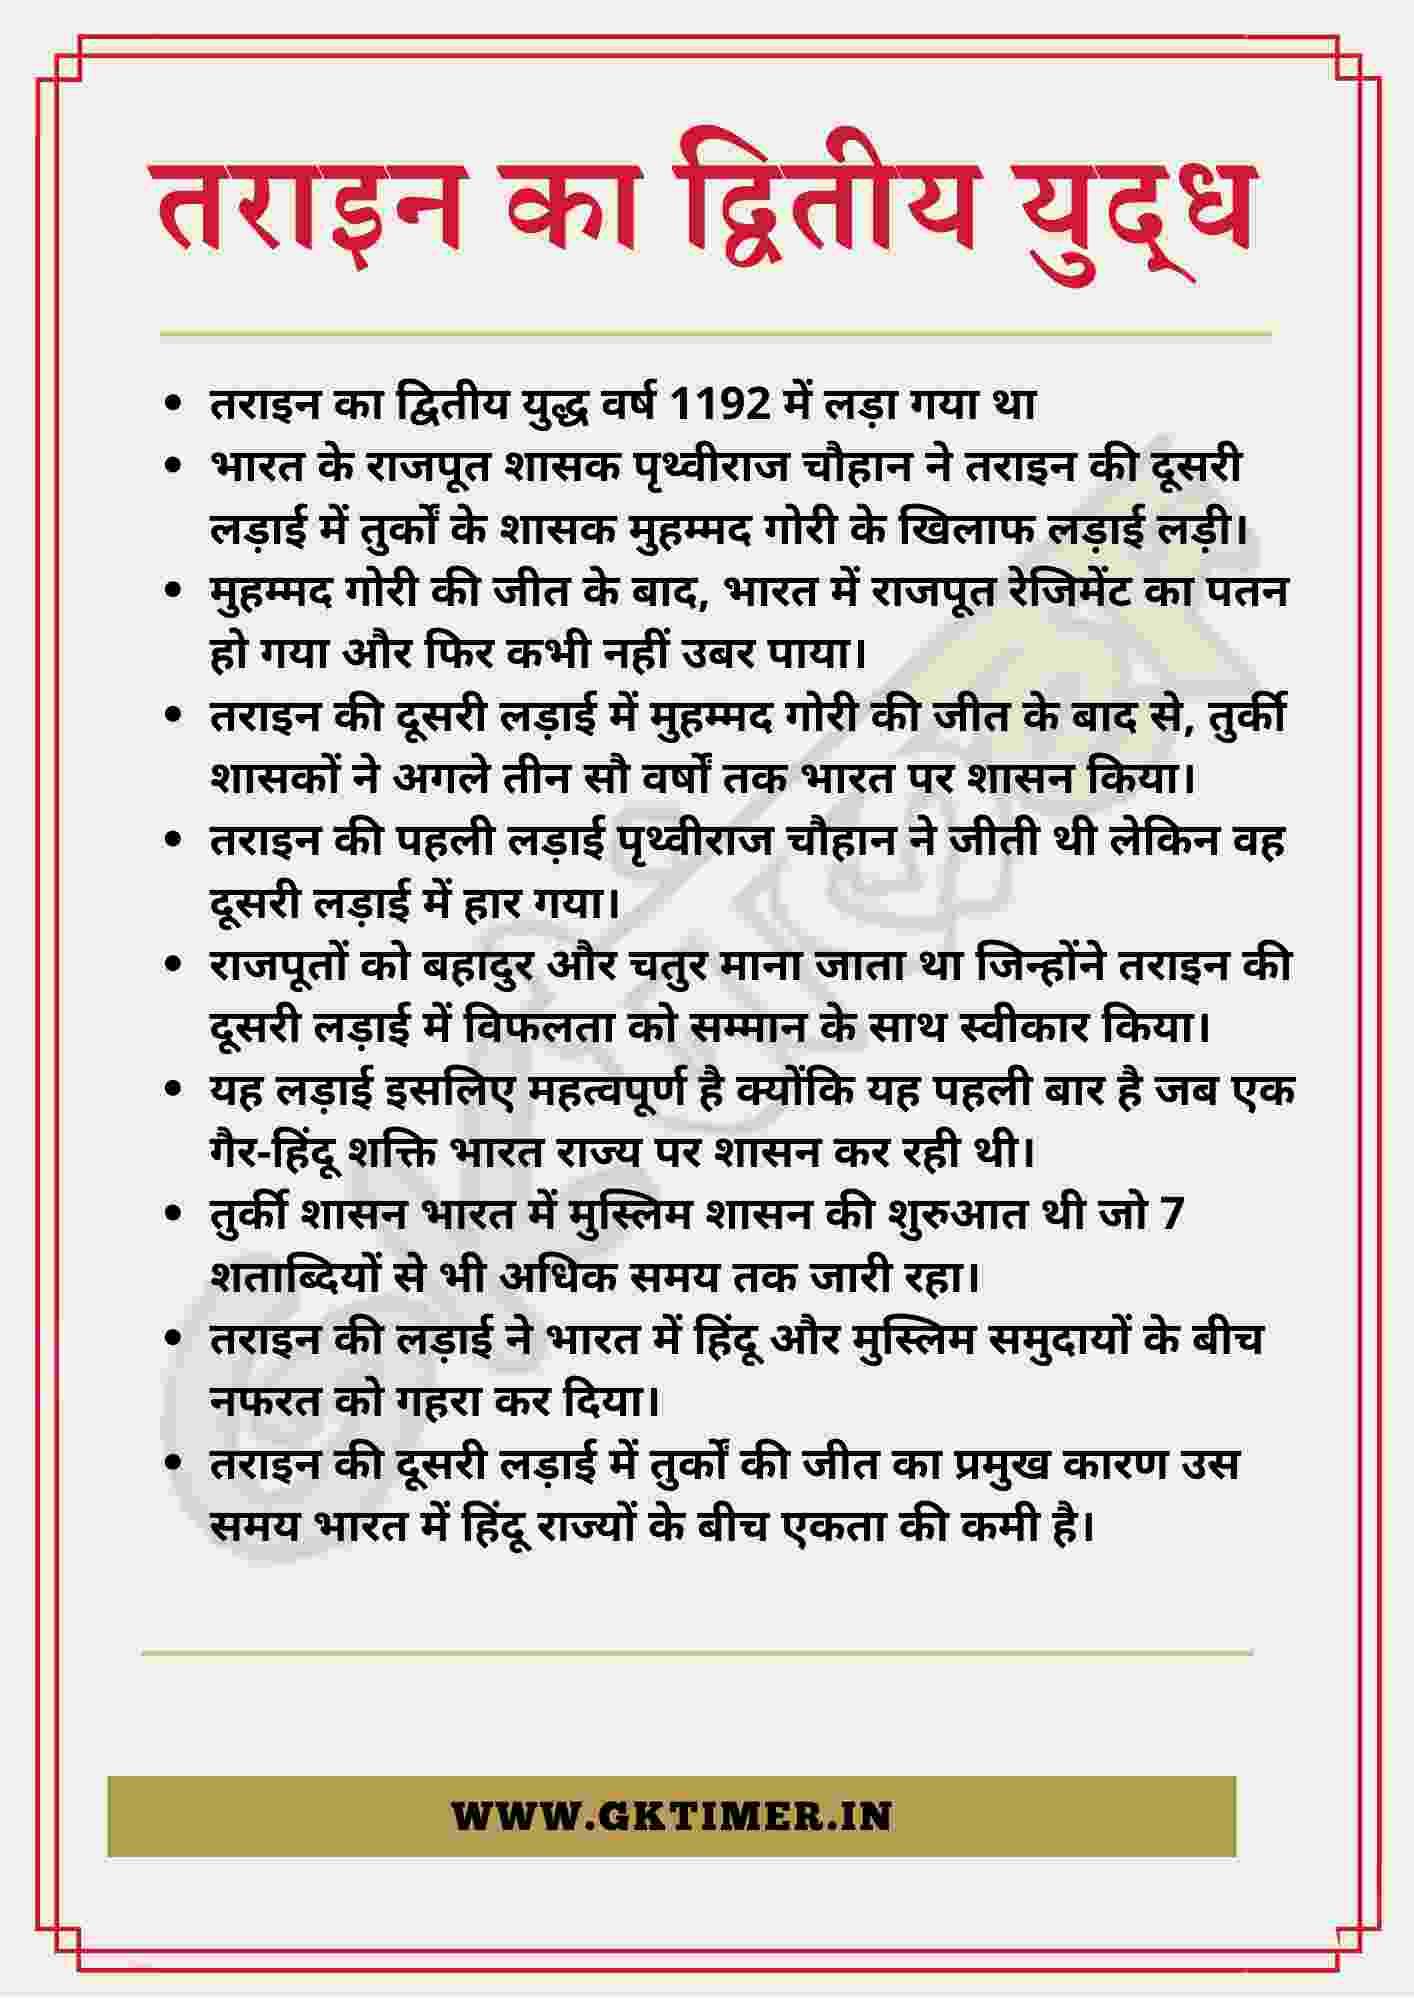 तराइन के द्वितीय युद्ध पर निबंध | Second Battle of Tarain Essay in Hindi | 10 Lines on Second Battle of Tarain in Hindi